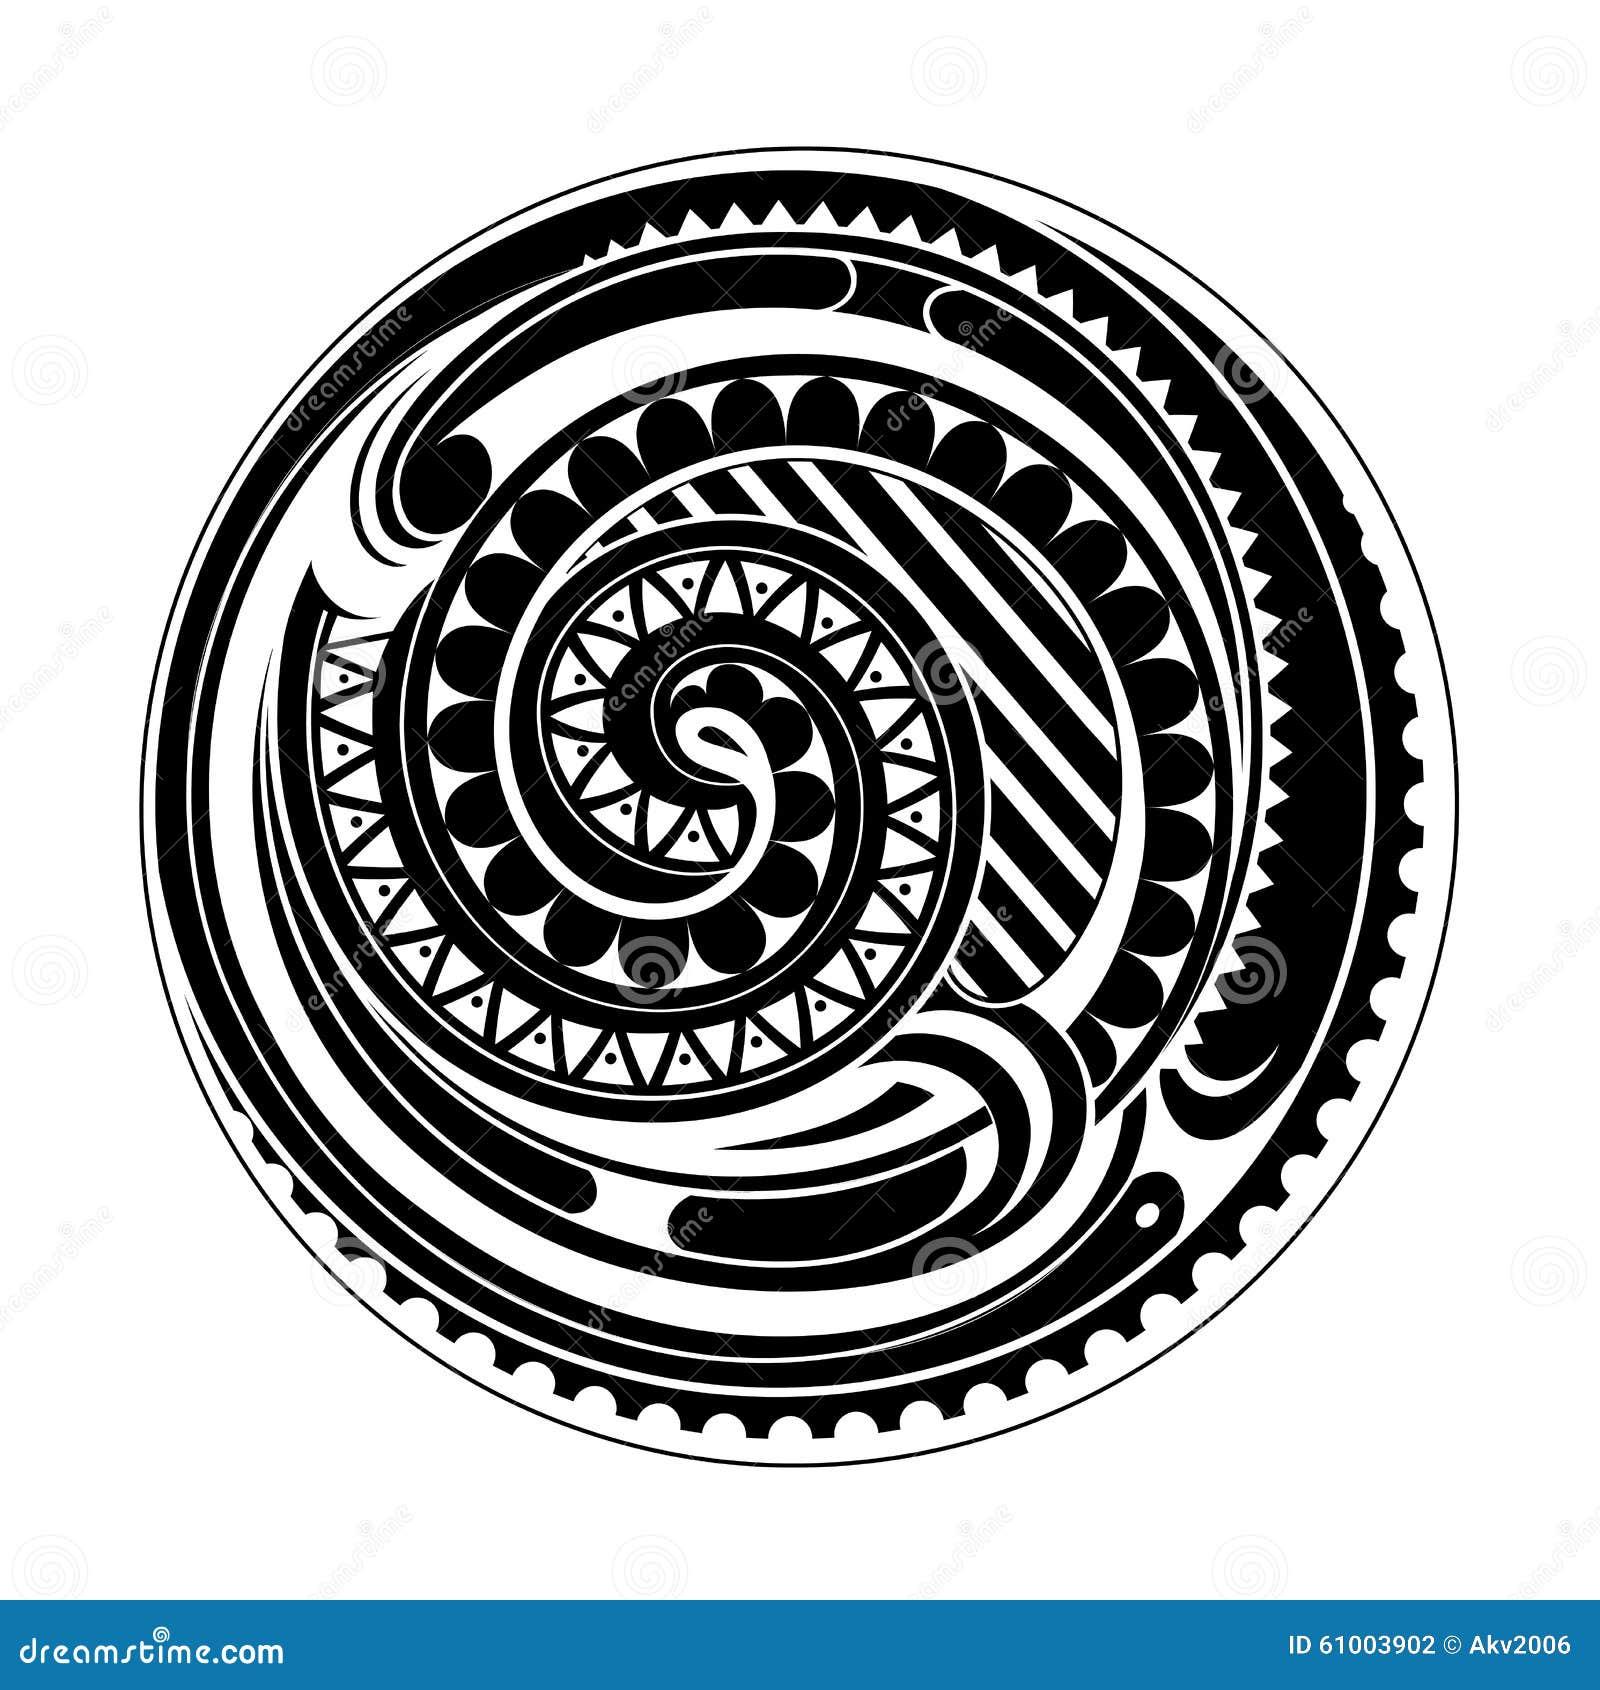 Maori Tattoo Design Wallpaper Wp300369: Tatuagem Maori Do Círculo Ilustração Do Vetor. Ilustração